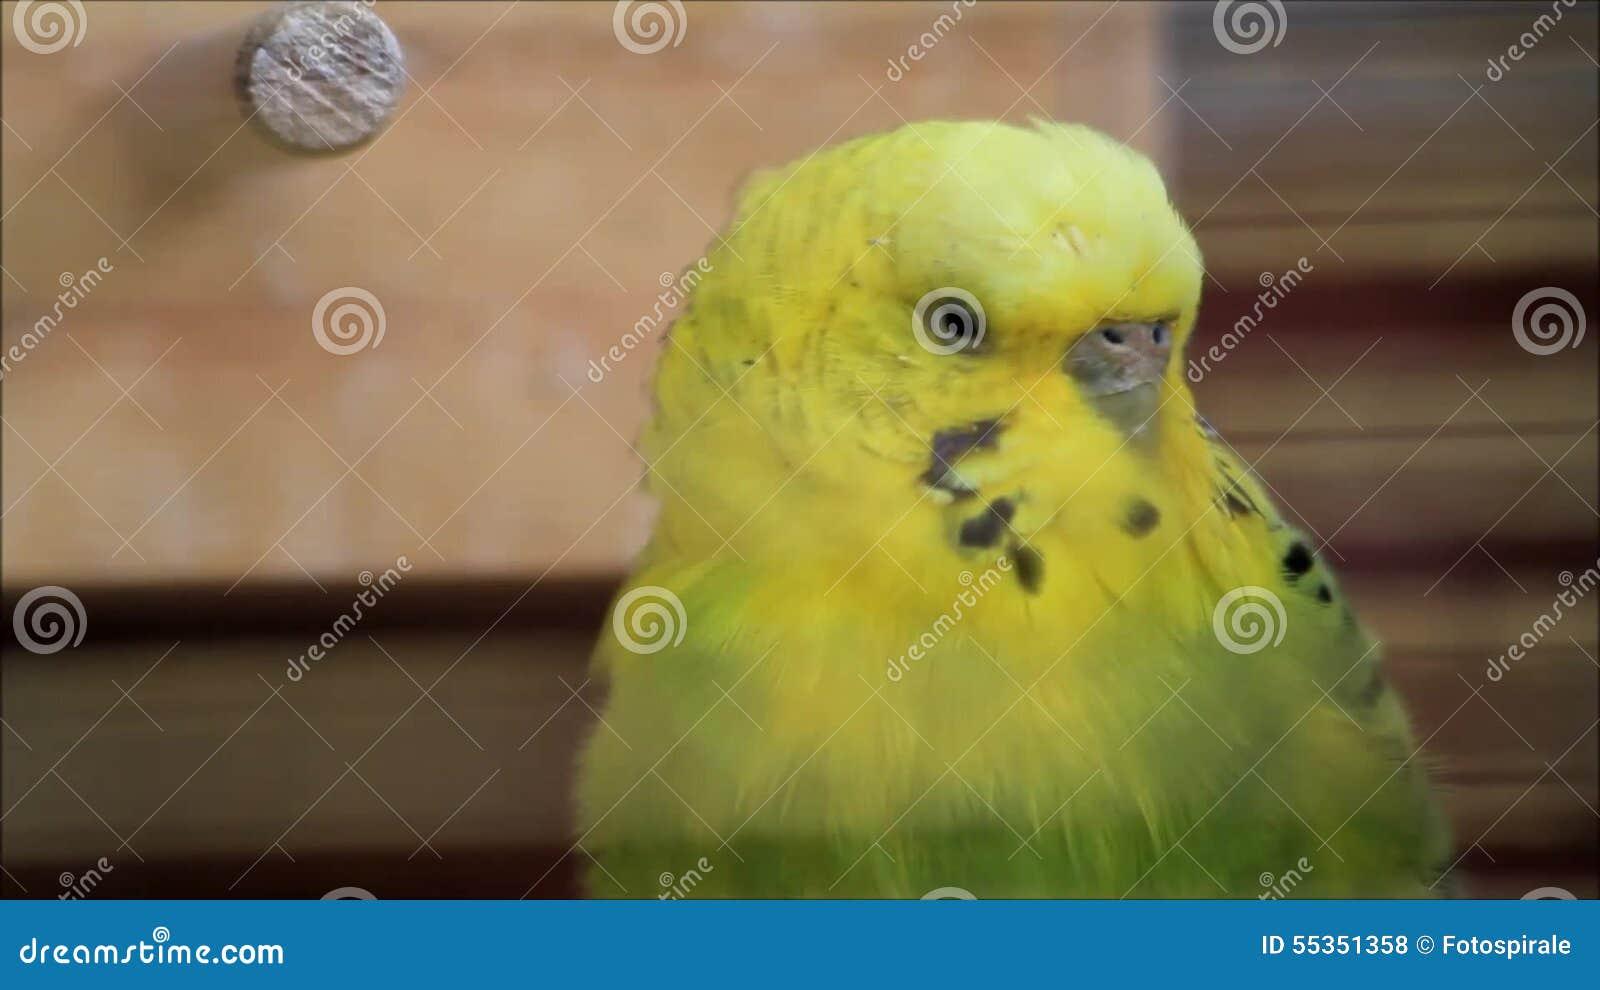 το πουλί σας είναι πολύ μεγάλα βίντεο μαύρο μουνί μαλάκες